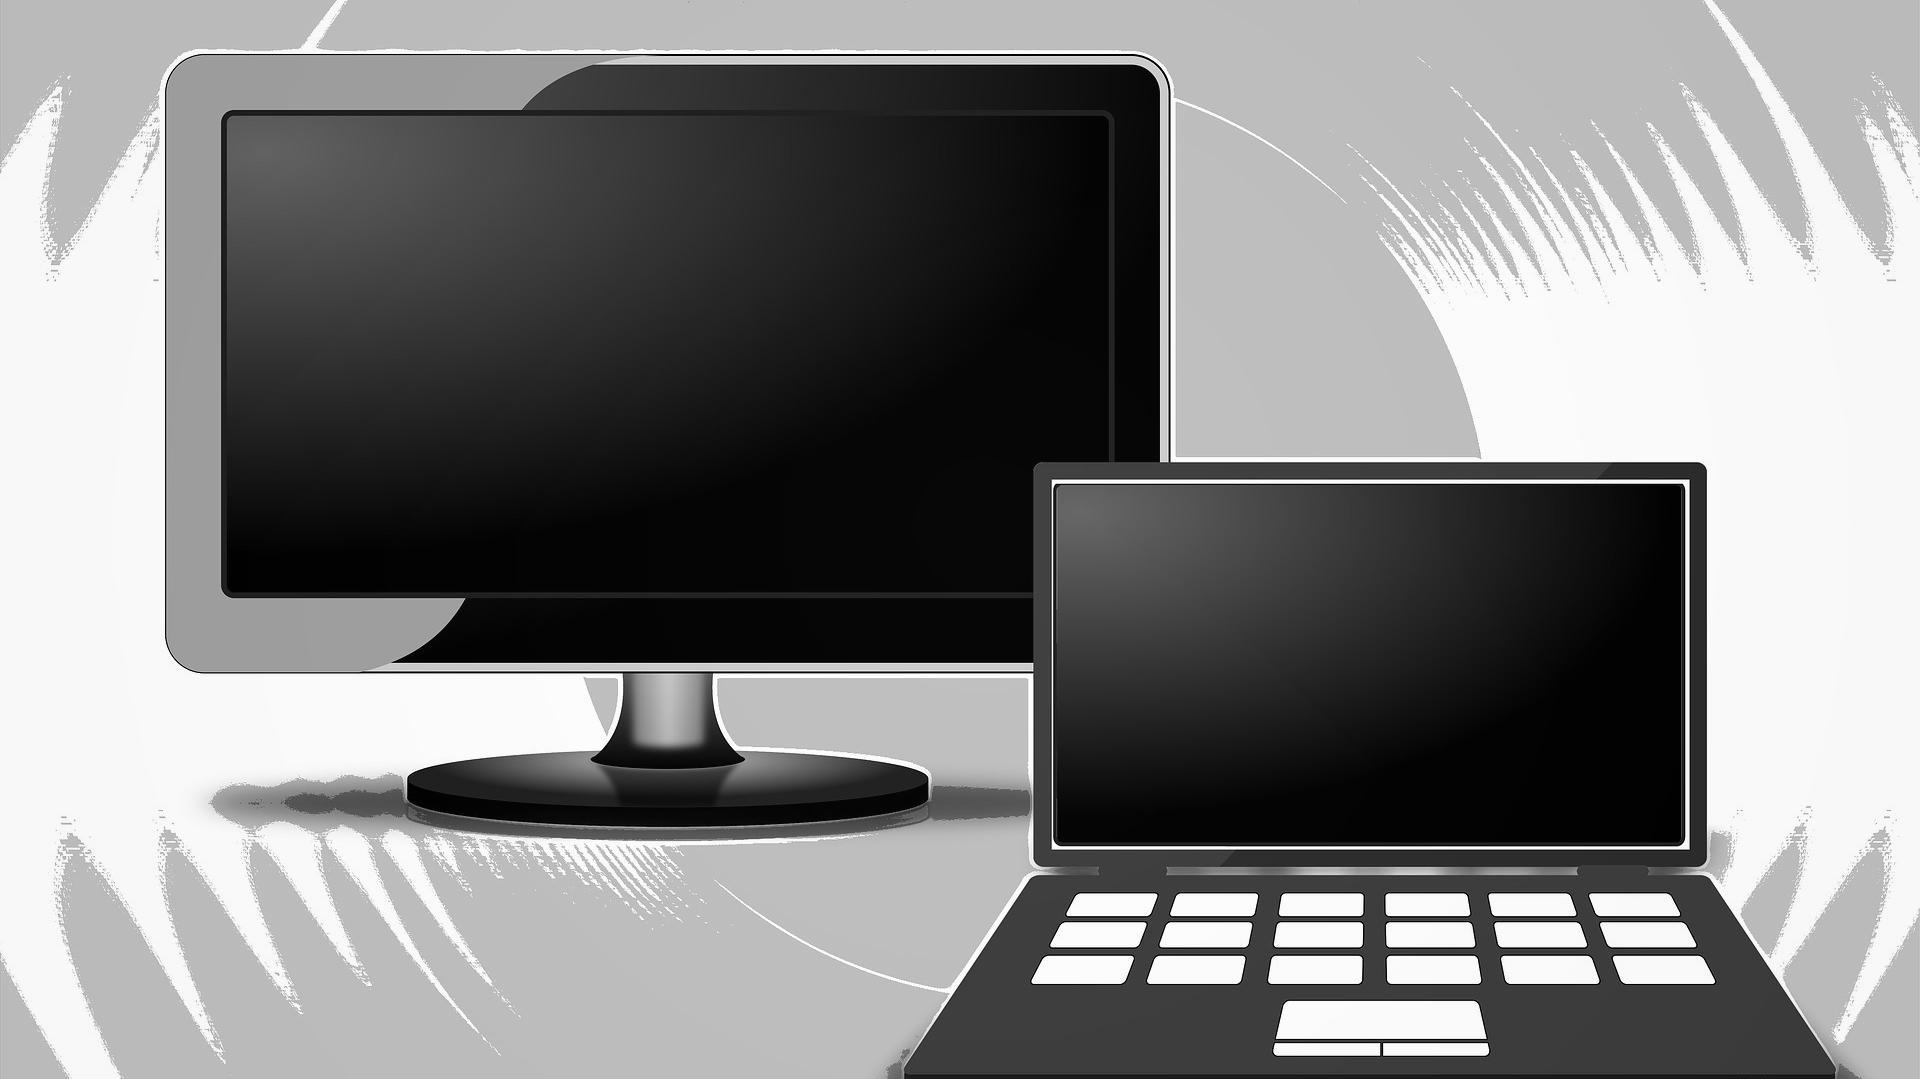 Grundig Fernseher Mit Laptop Verbinden : Laptop mit dem fernseher verbinden so gehts